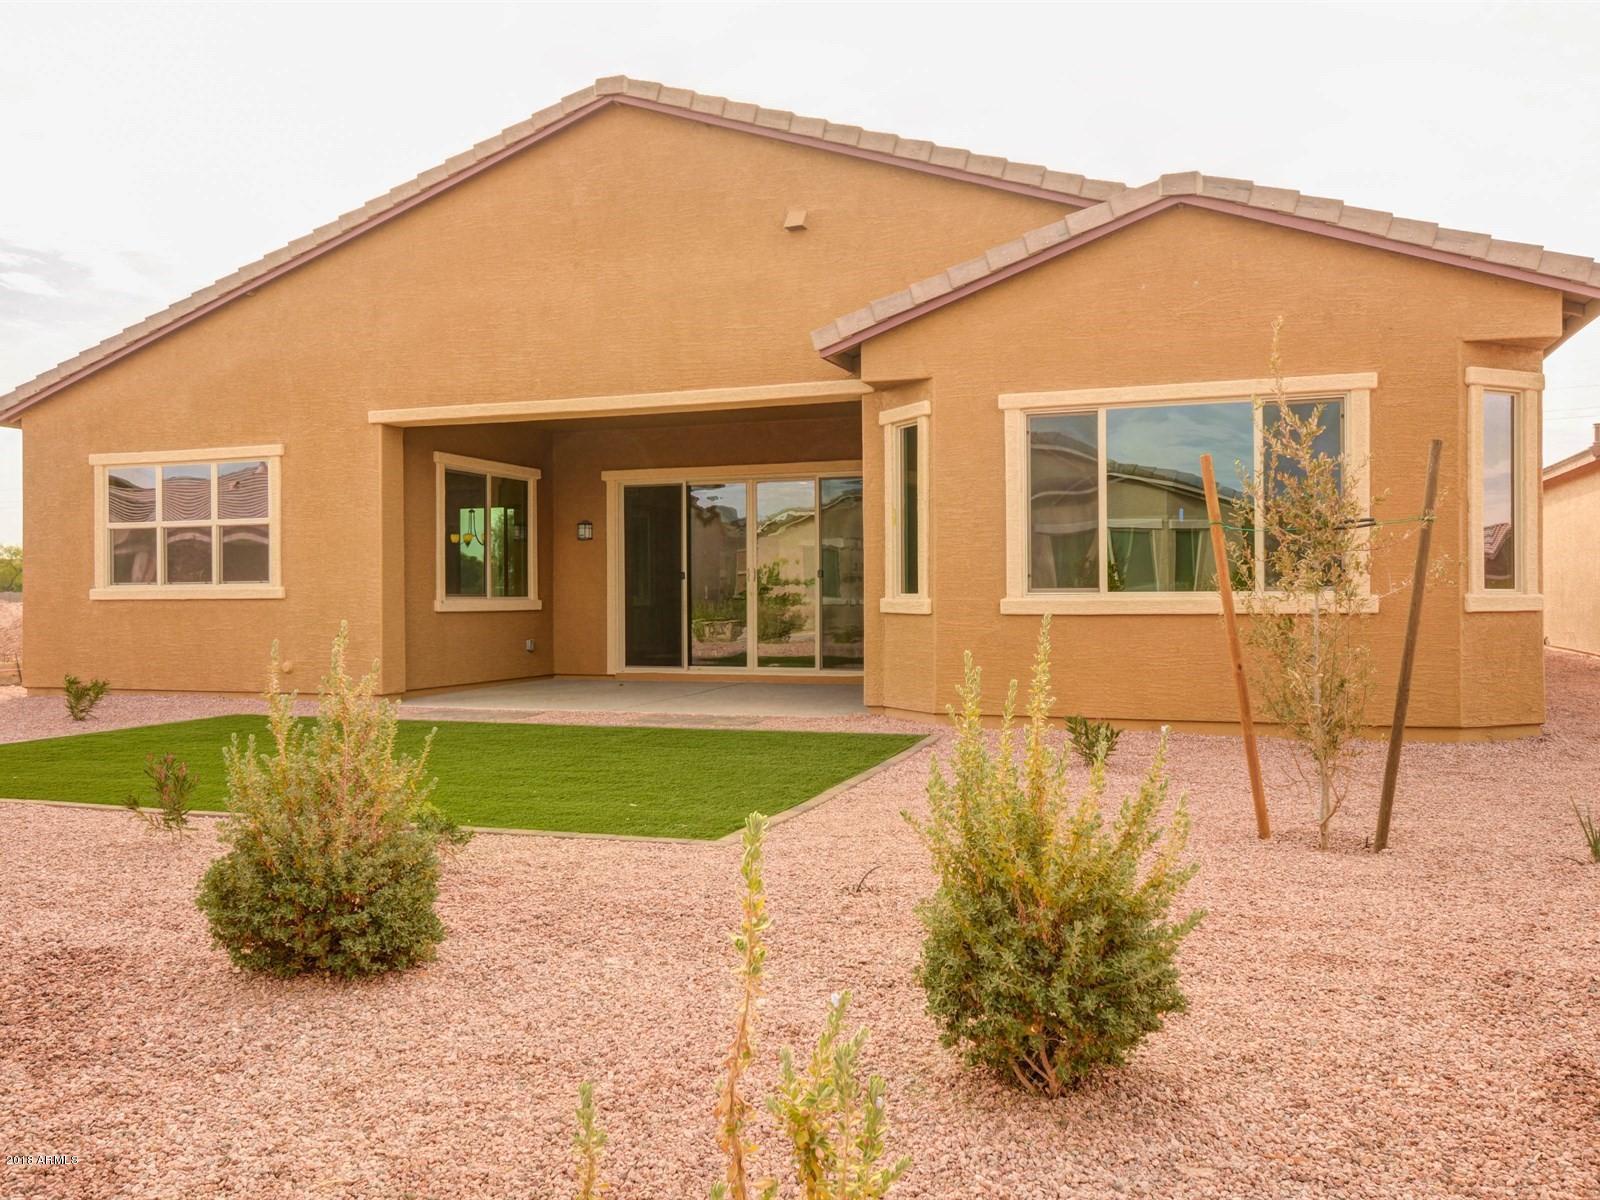 42940 W MALLARD Road Maricopa, AZ 85138 - MLS #: 5680940